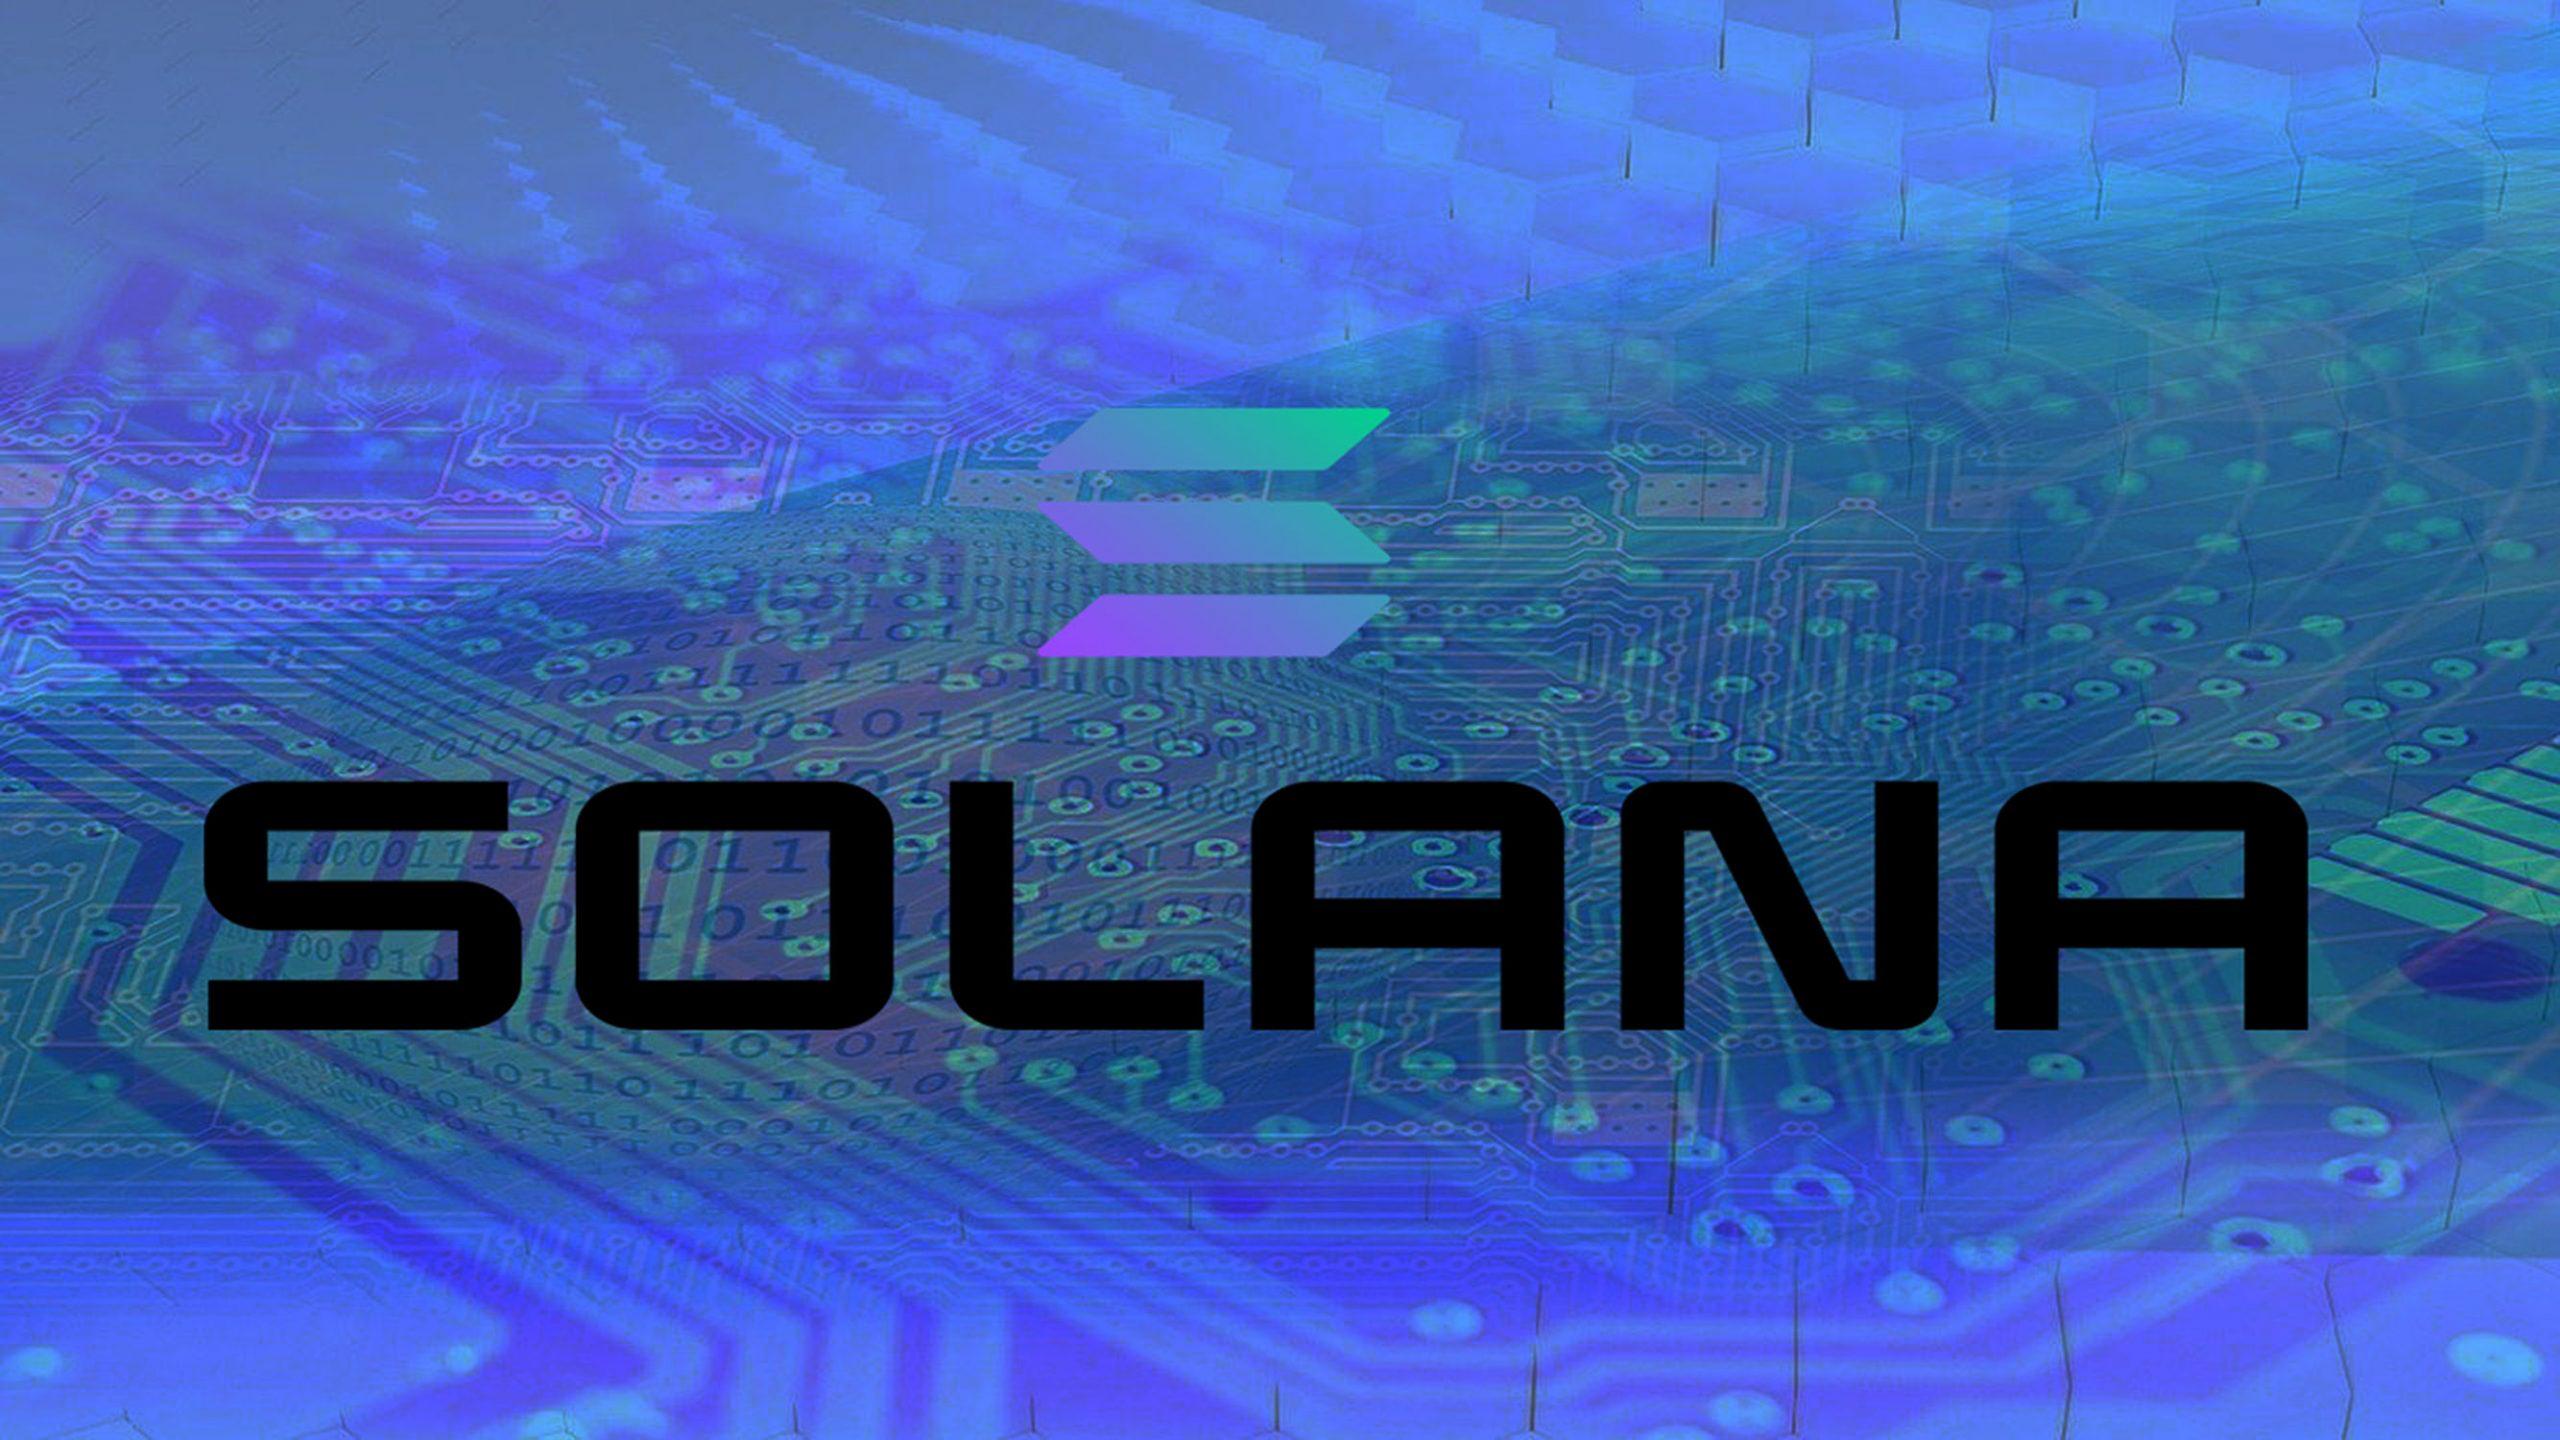 شركة سولانا وعملتها الى اين؟